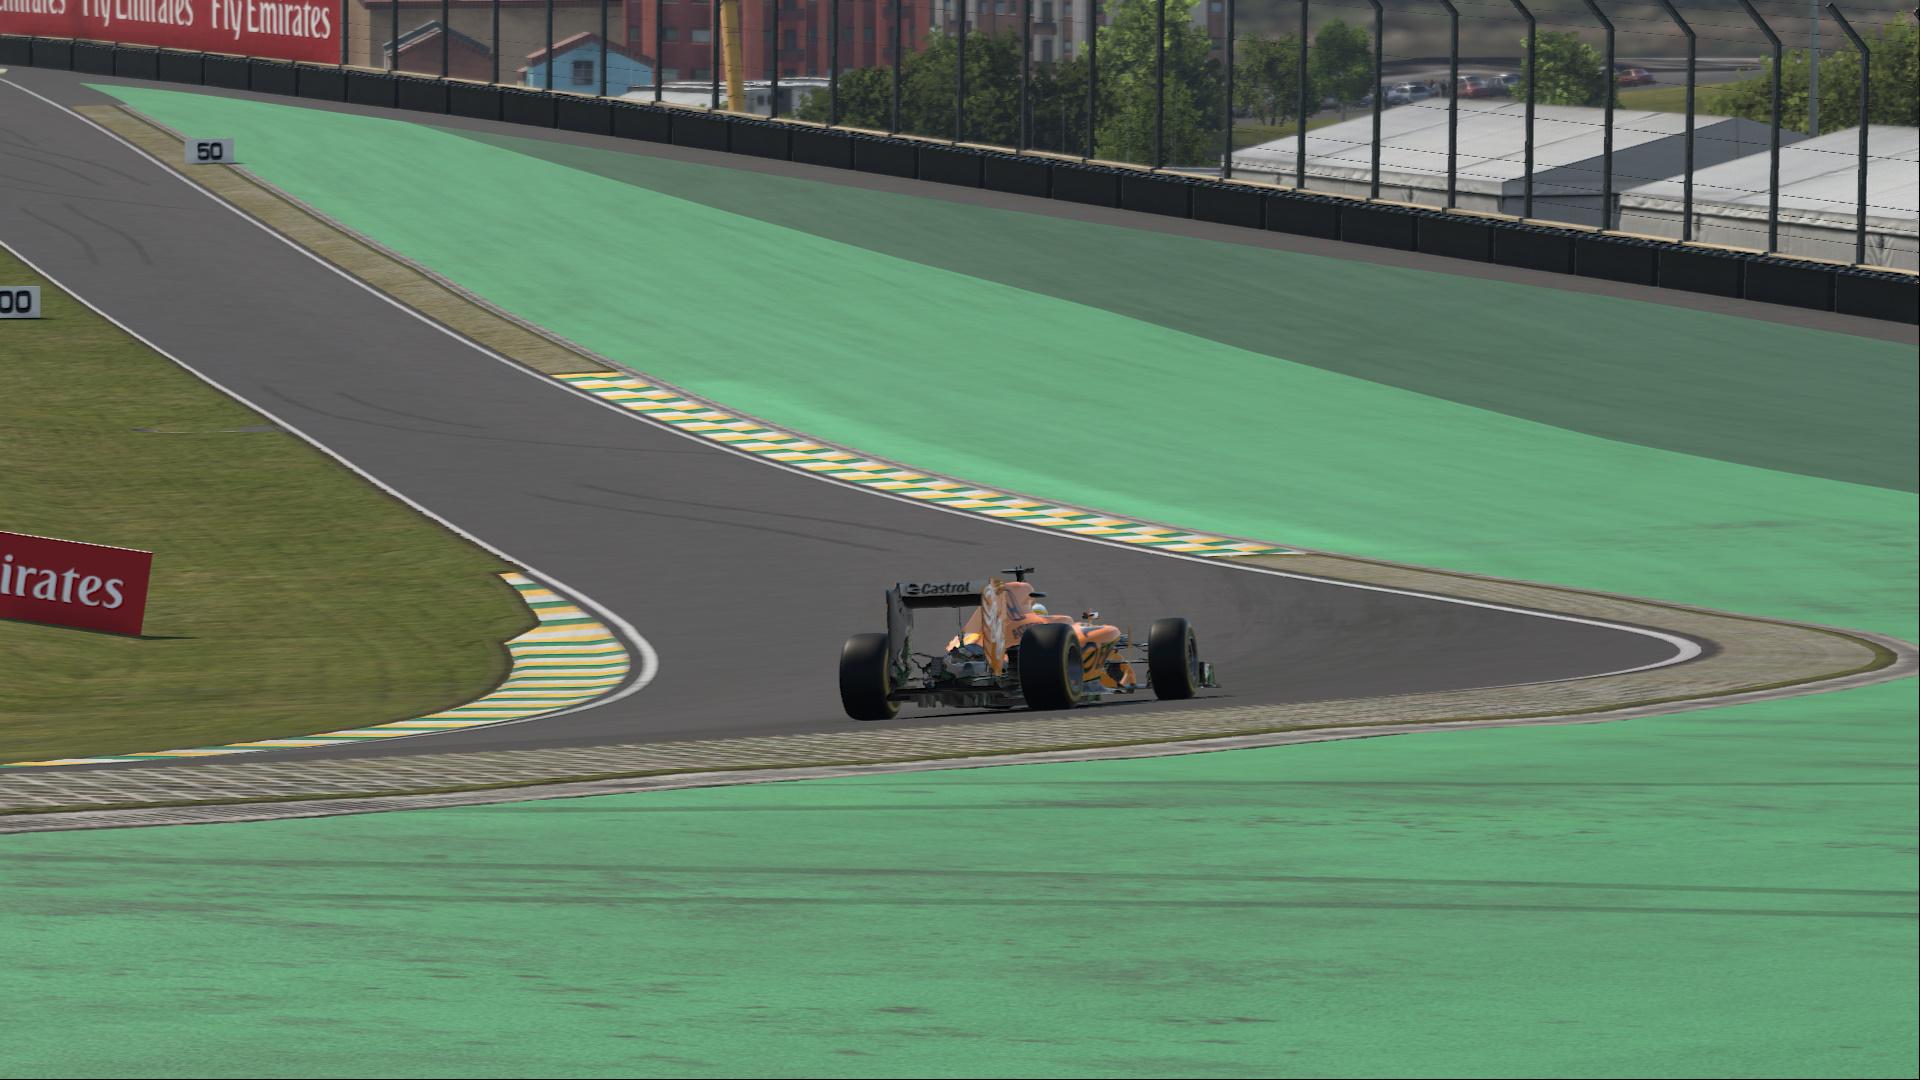 F1_2016 2017-04-17 00-43-59-256.jpg